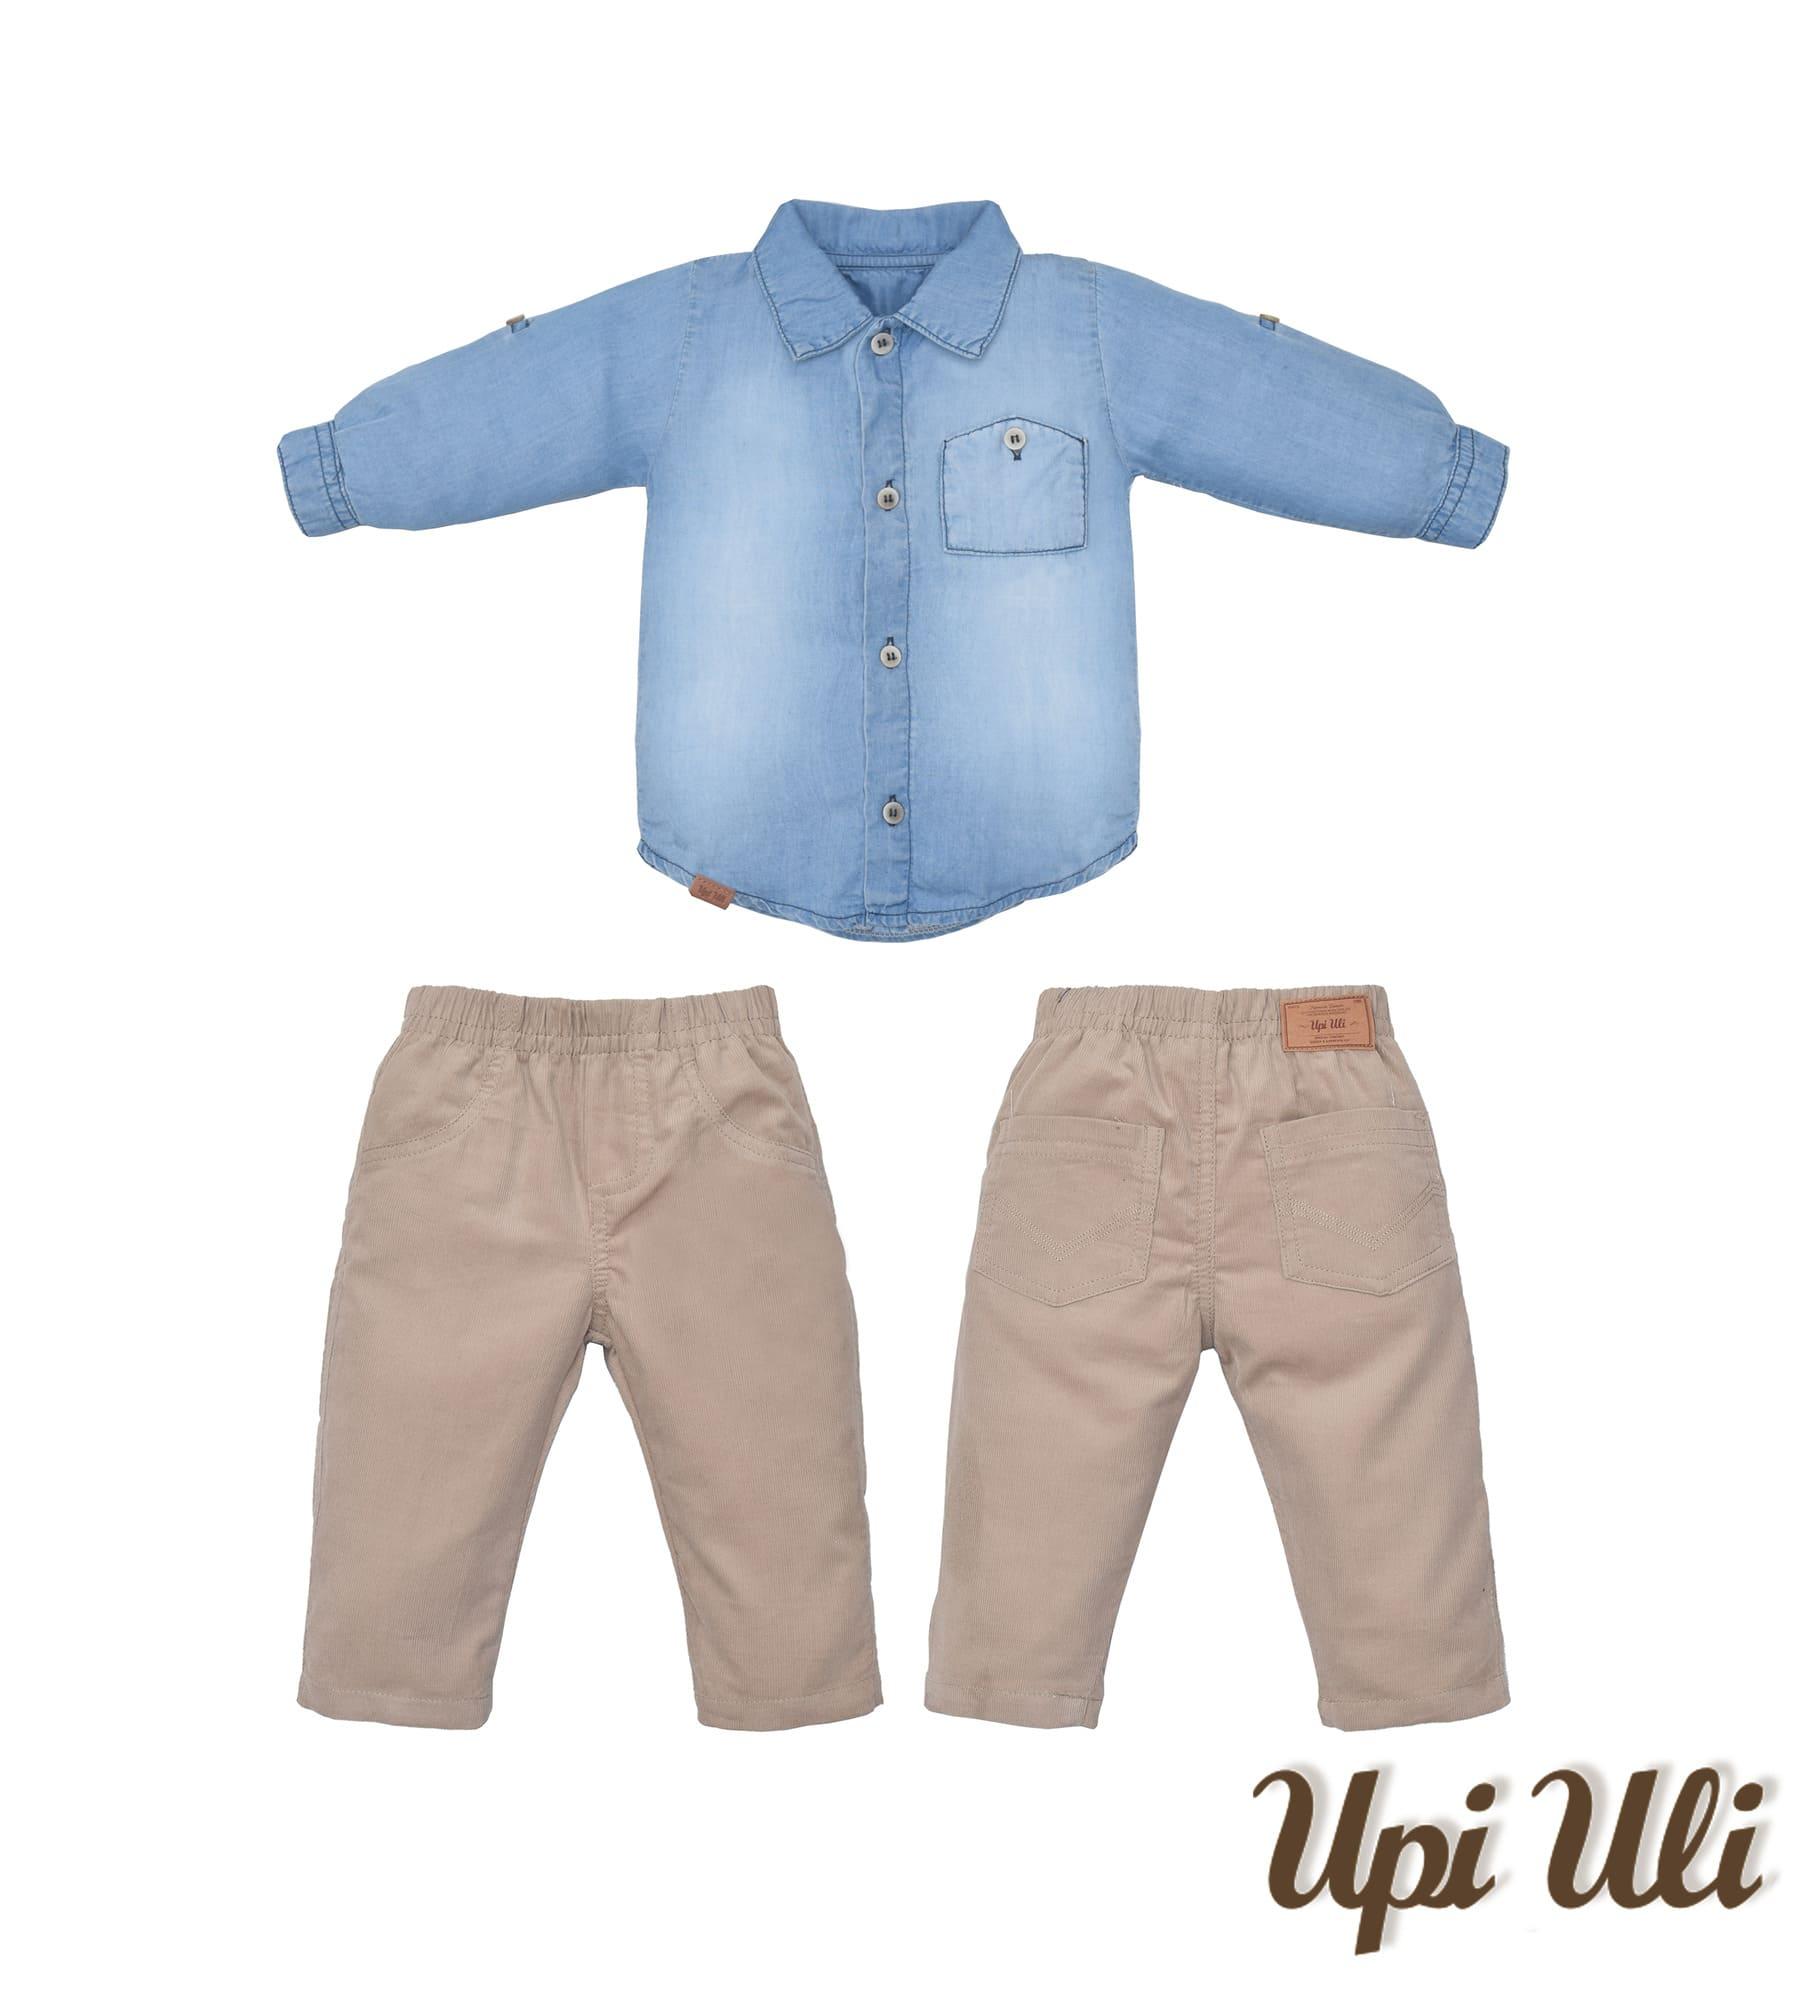 Conj. Longo Jeans/Cotele  Upiuli